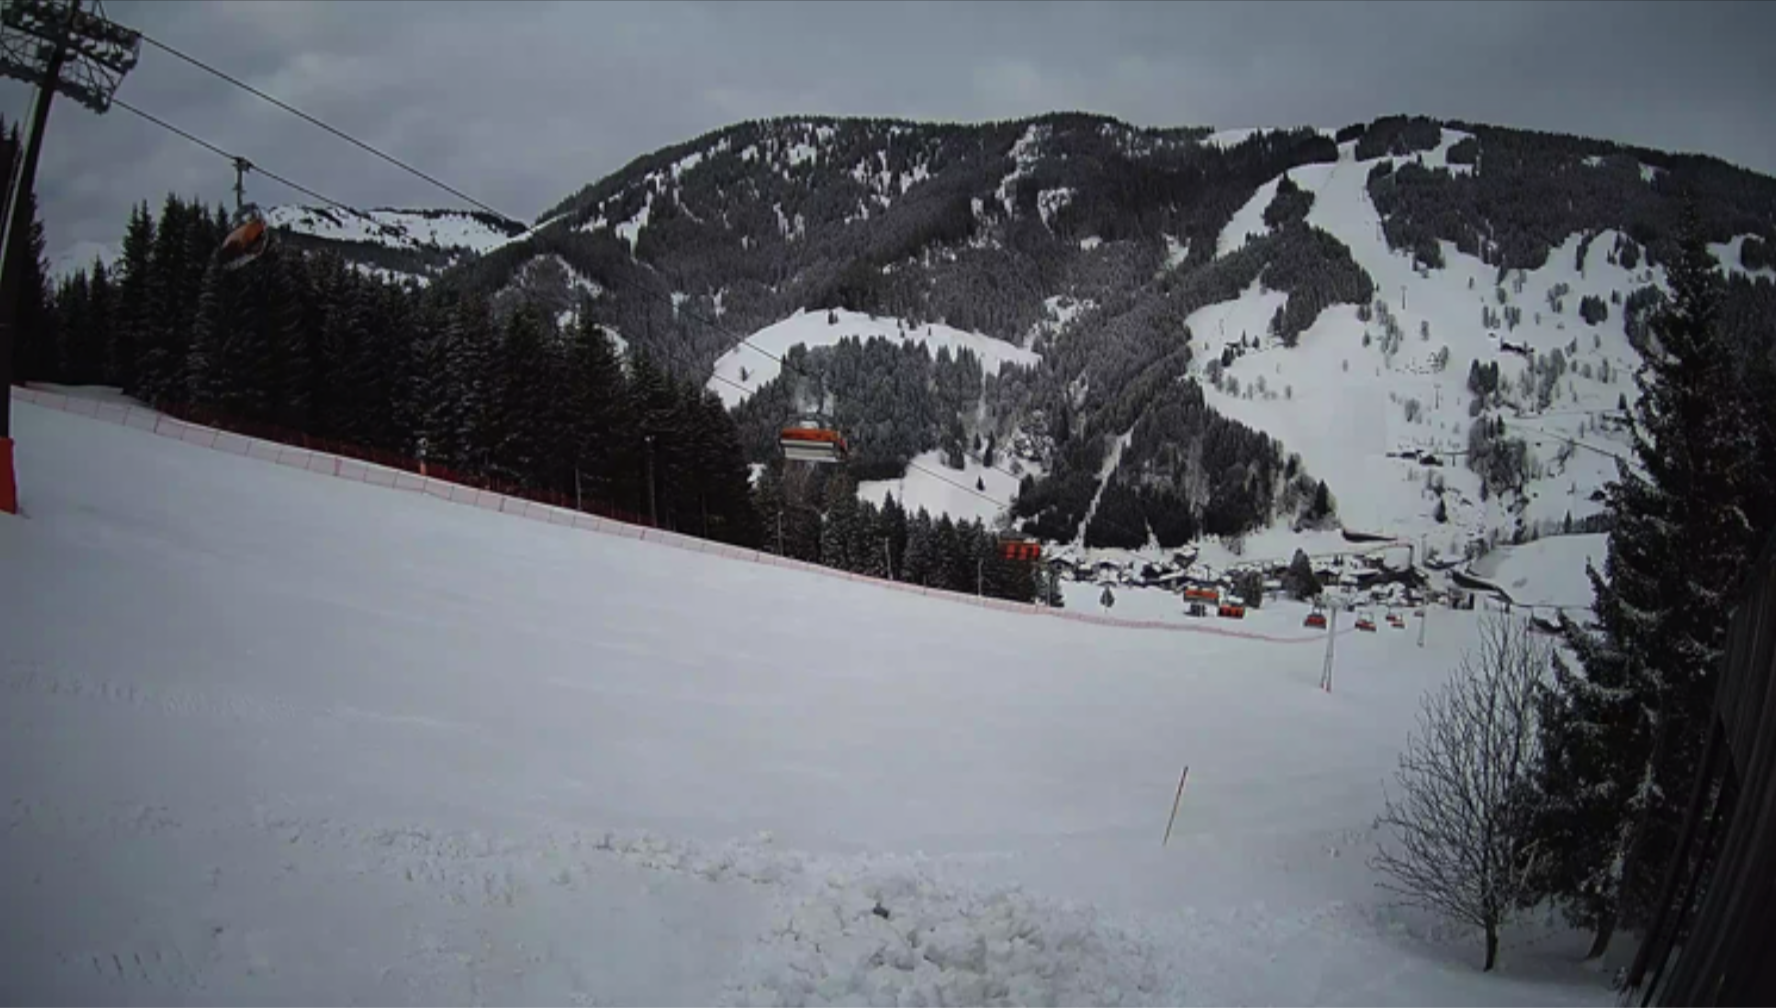 Blick der Webcam aus einem Live-Stream als Snapshot erzeugt.